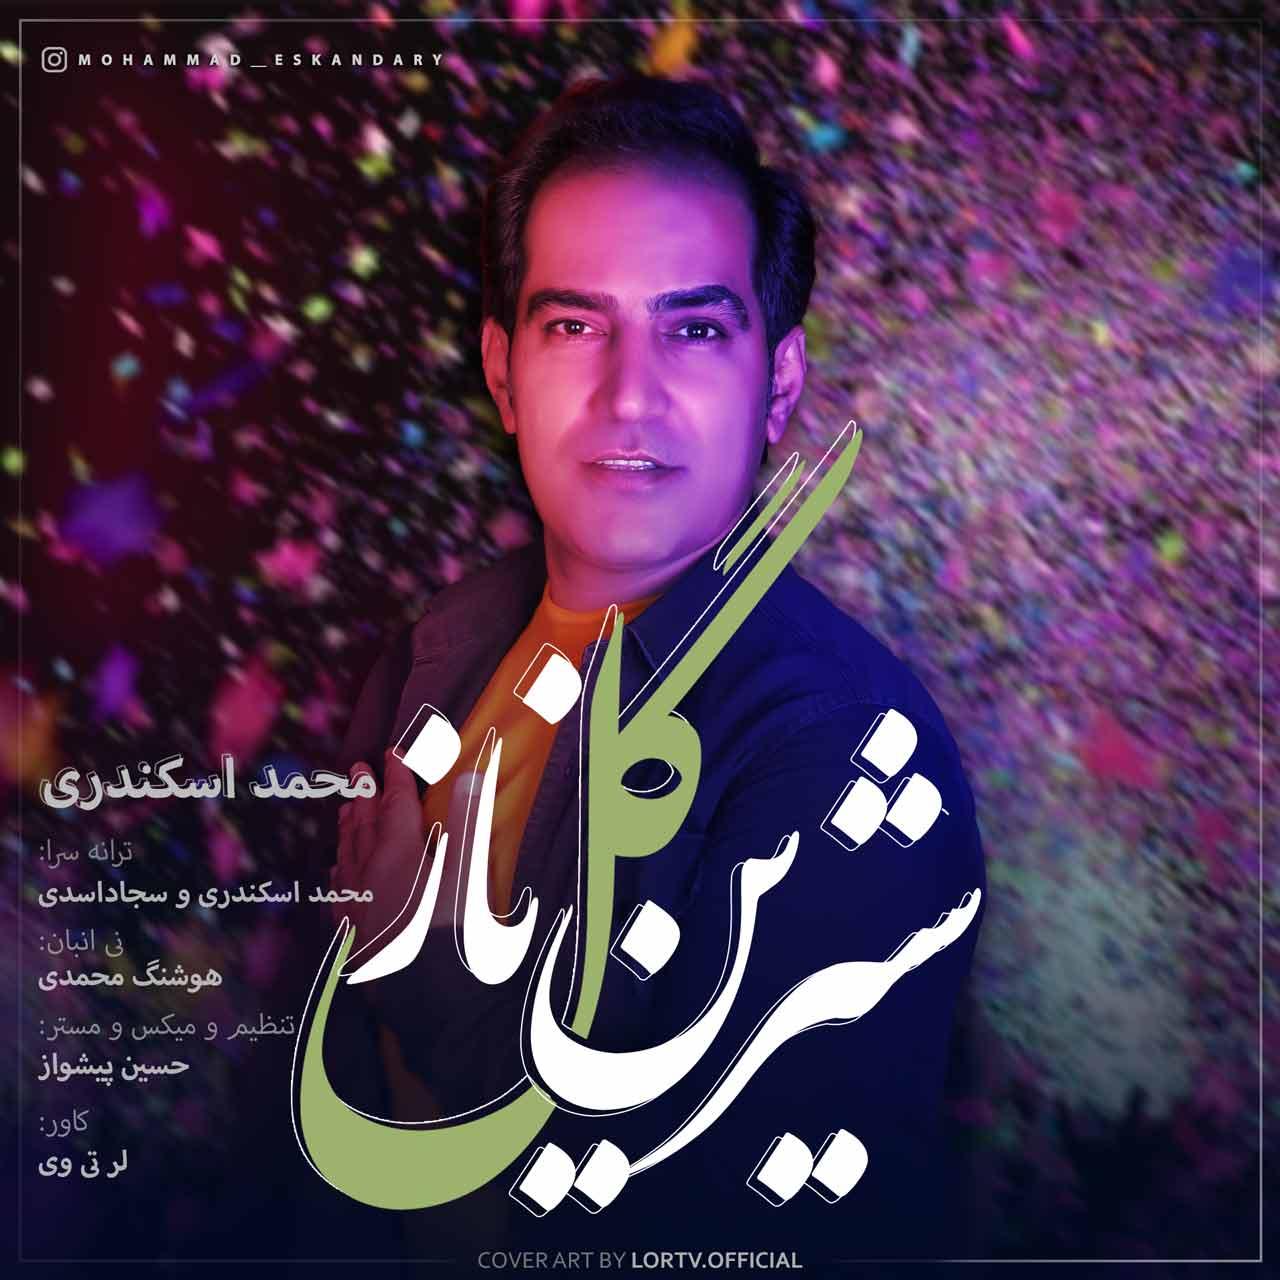 شیرین گل ناز از محمد اسکندری